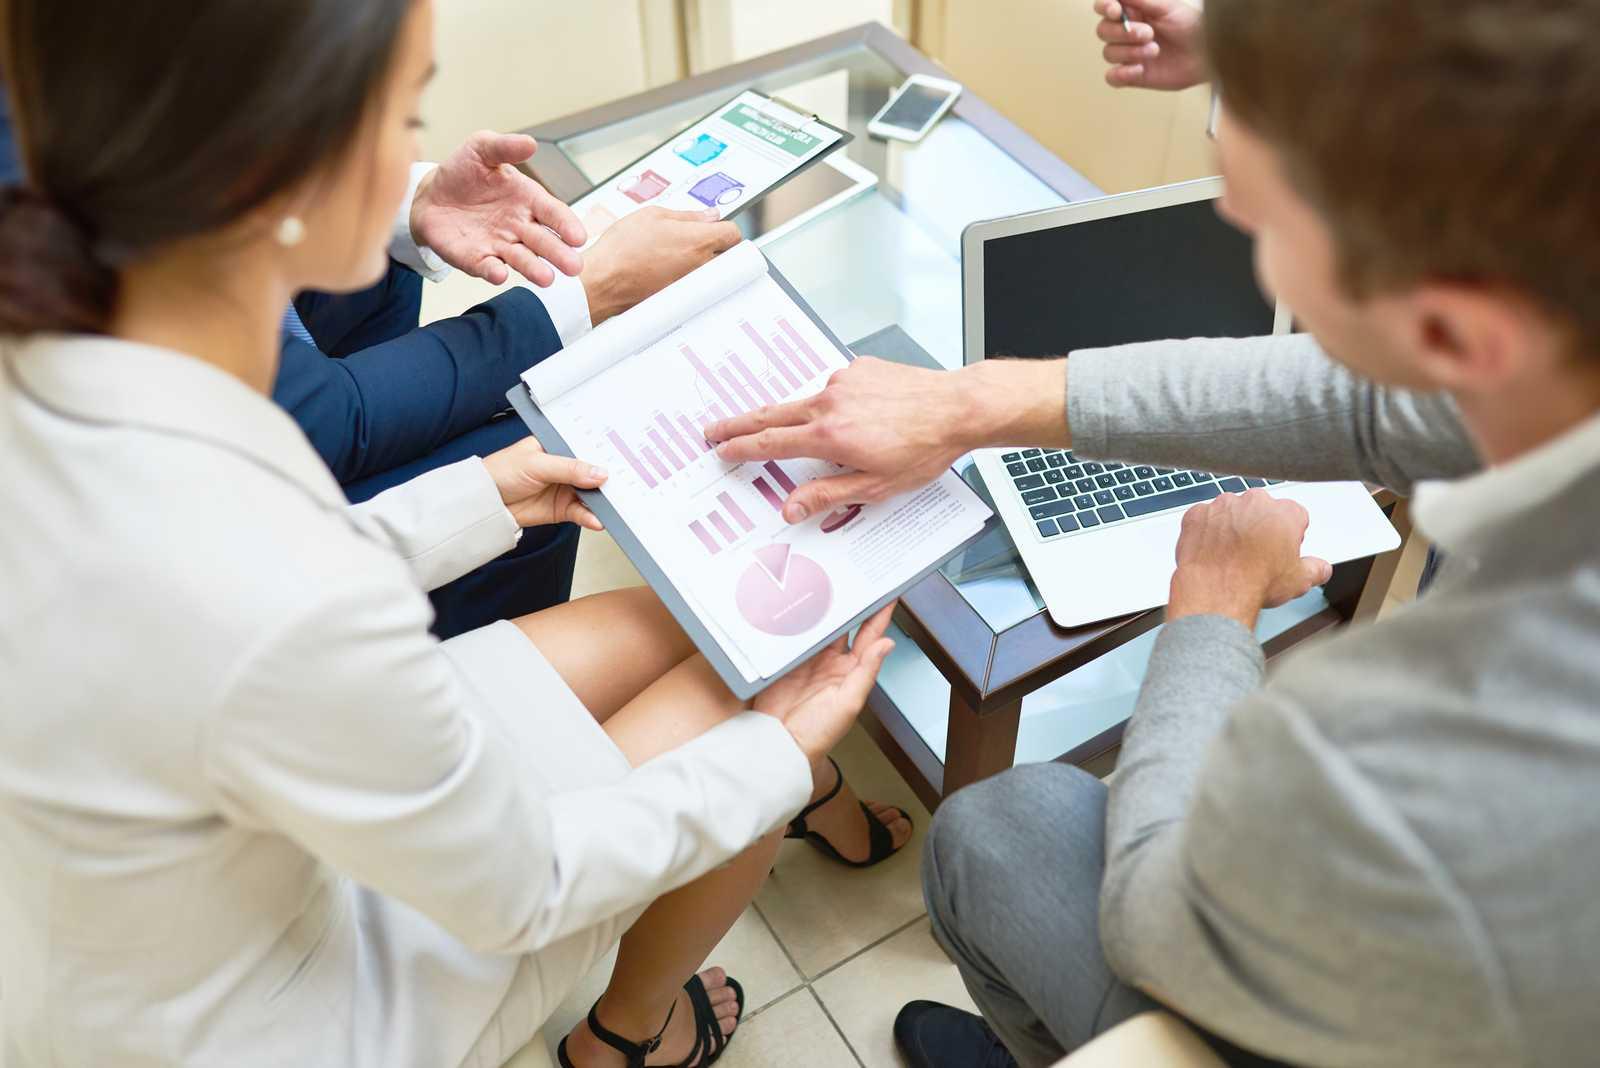 Construire et tester une méthode de calcul de ROI sur les campagnes marketing après-ventes